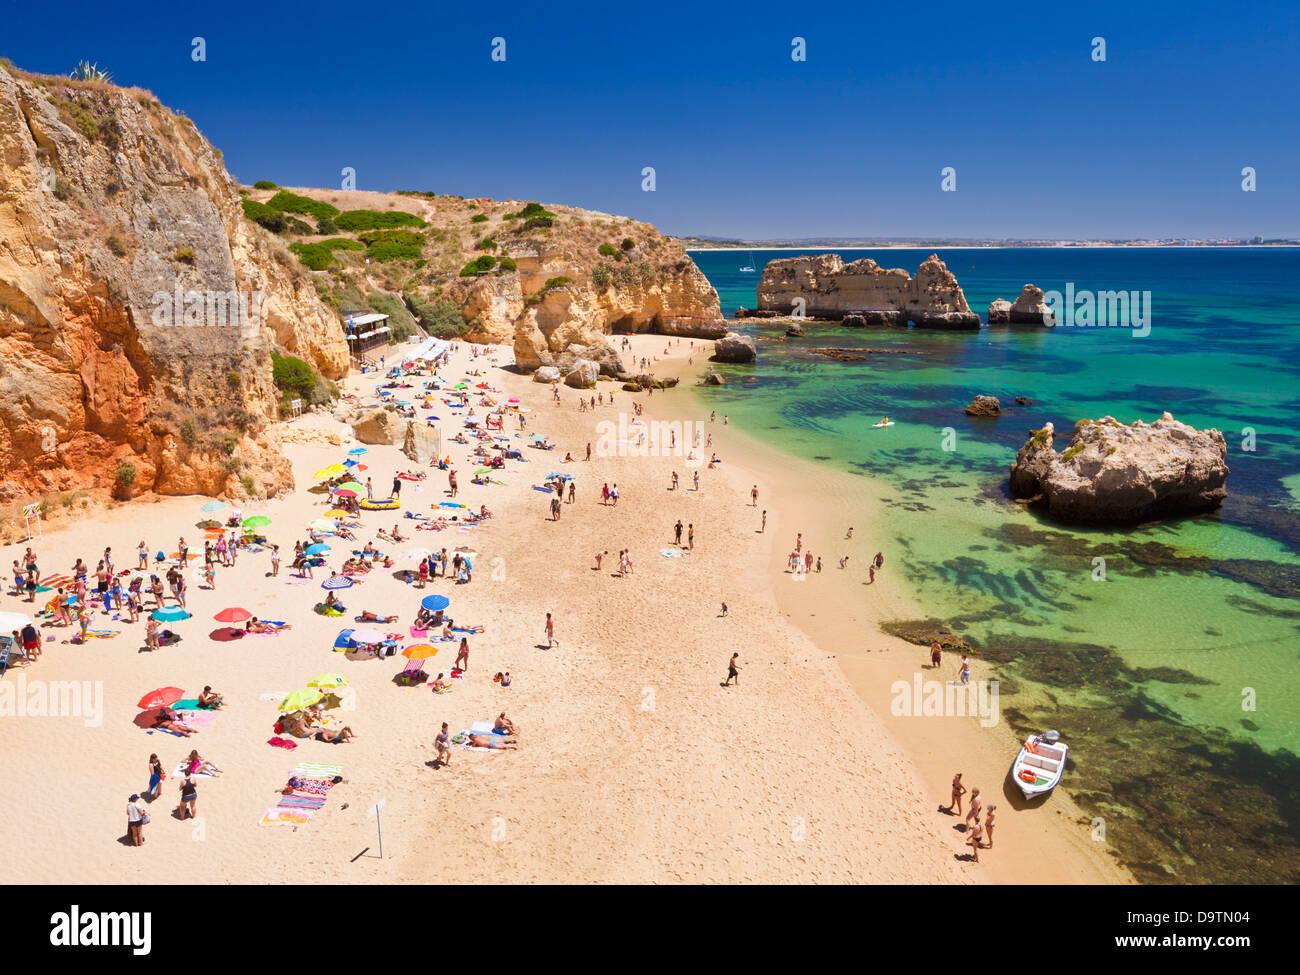 I vacanzieri viaggi a prendere il sole sulla Praia da Dona Ana spiaggia sabbiosa vicino al resort di Lagos Algarve Immagini Stock